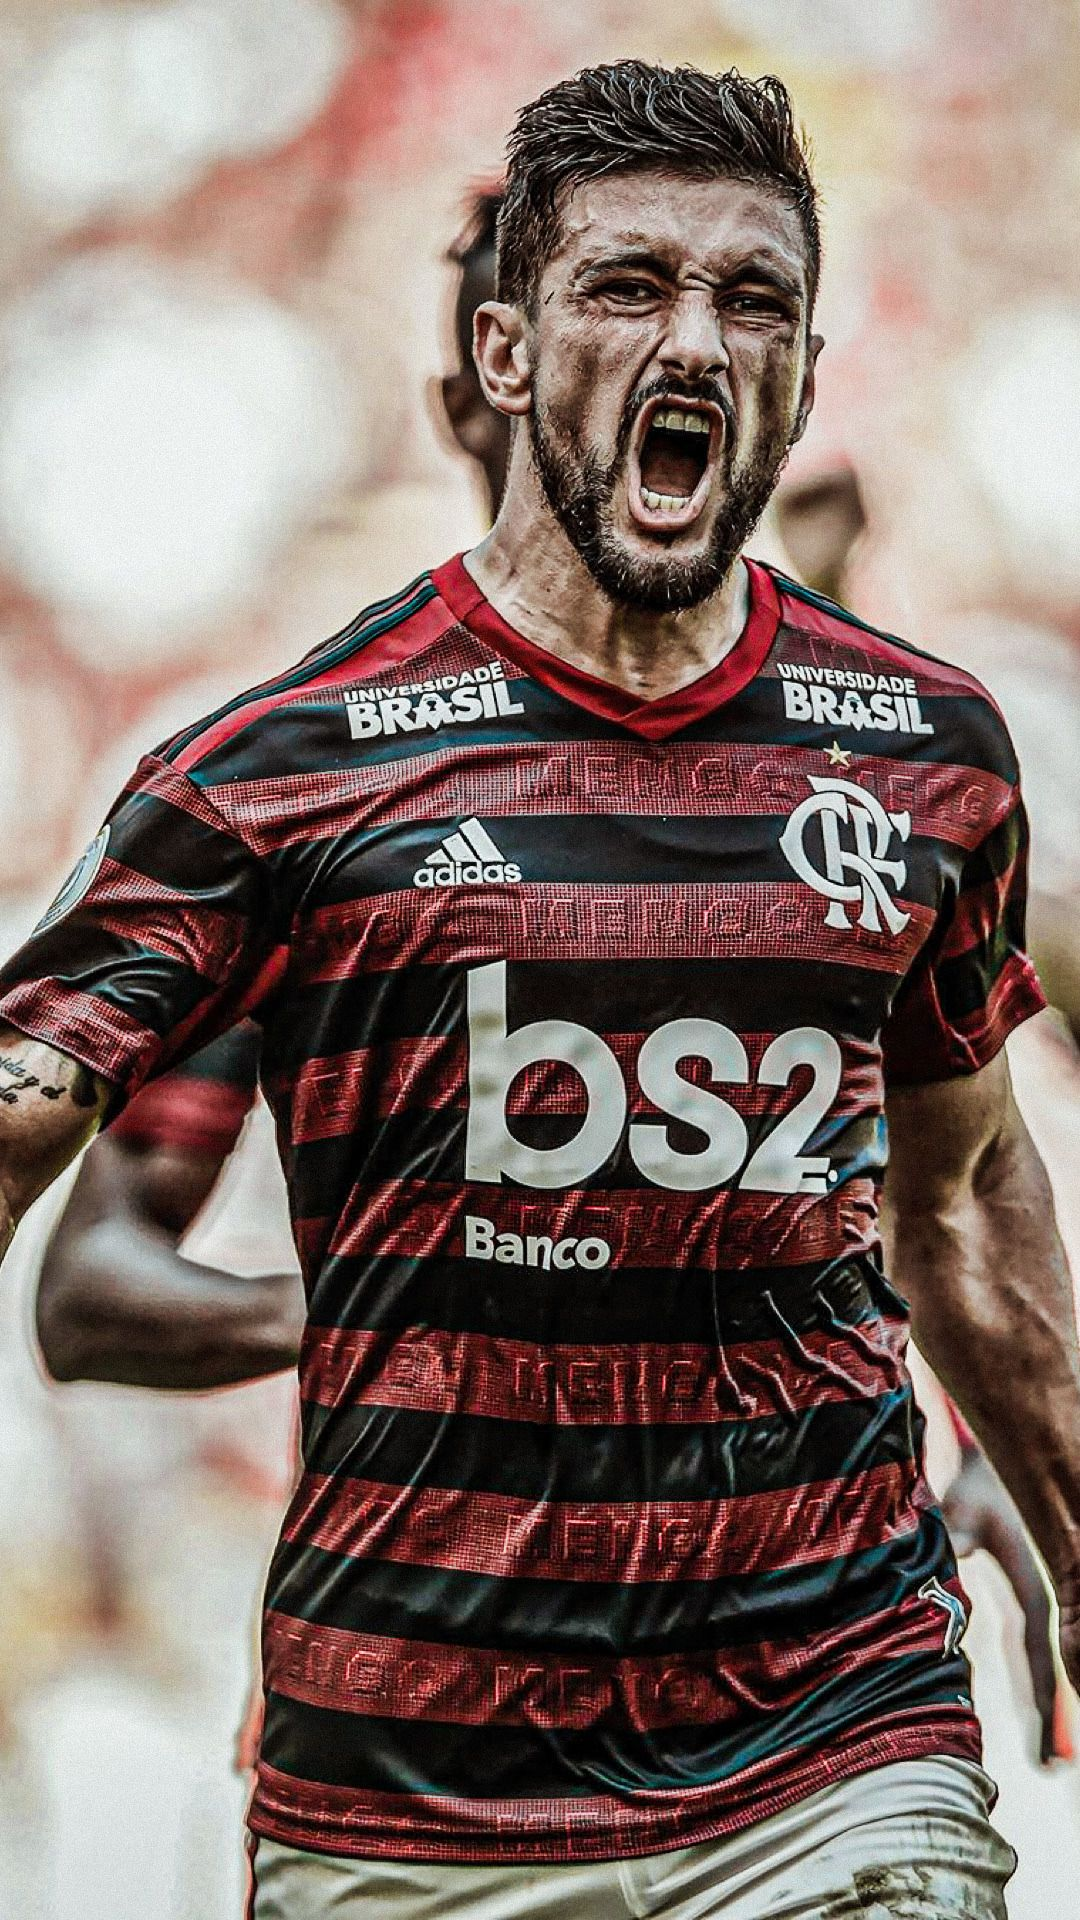 Pin de Gilson Ferreira em Flamengo em 2020 Flamengo